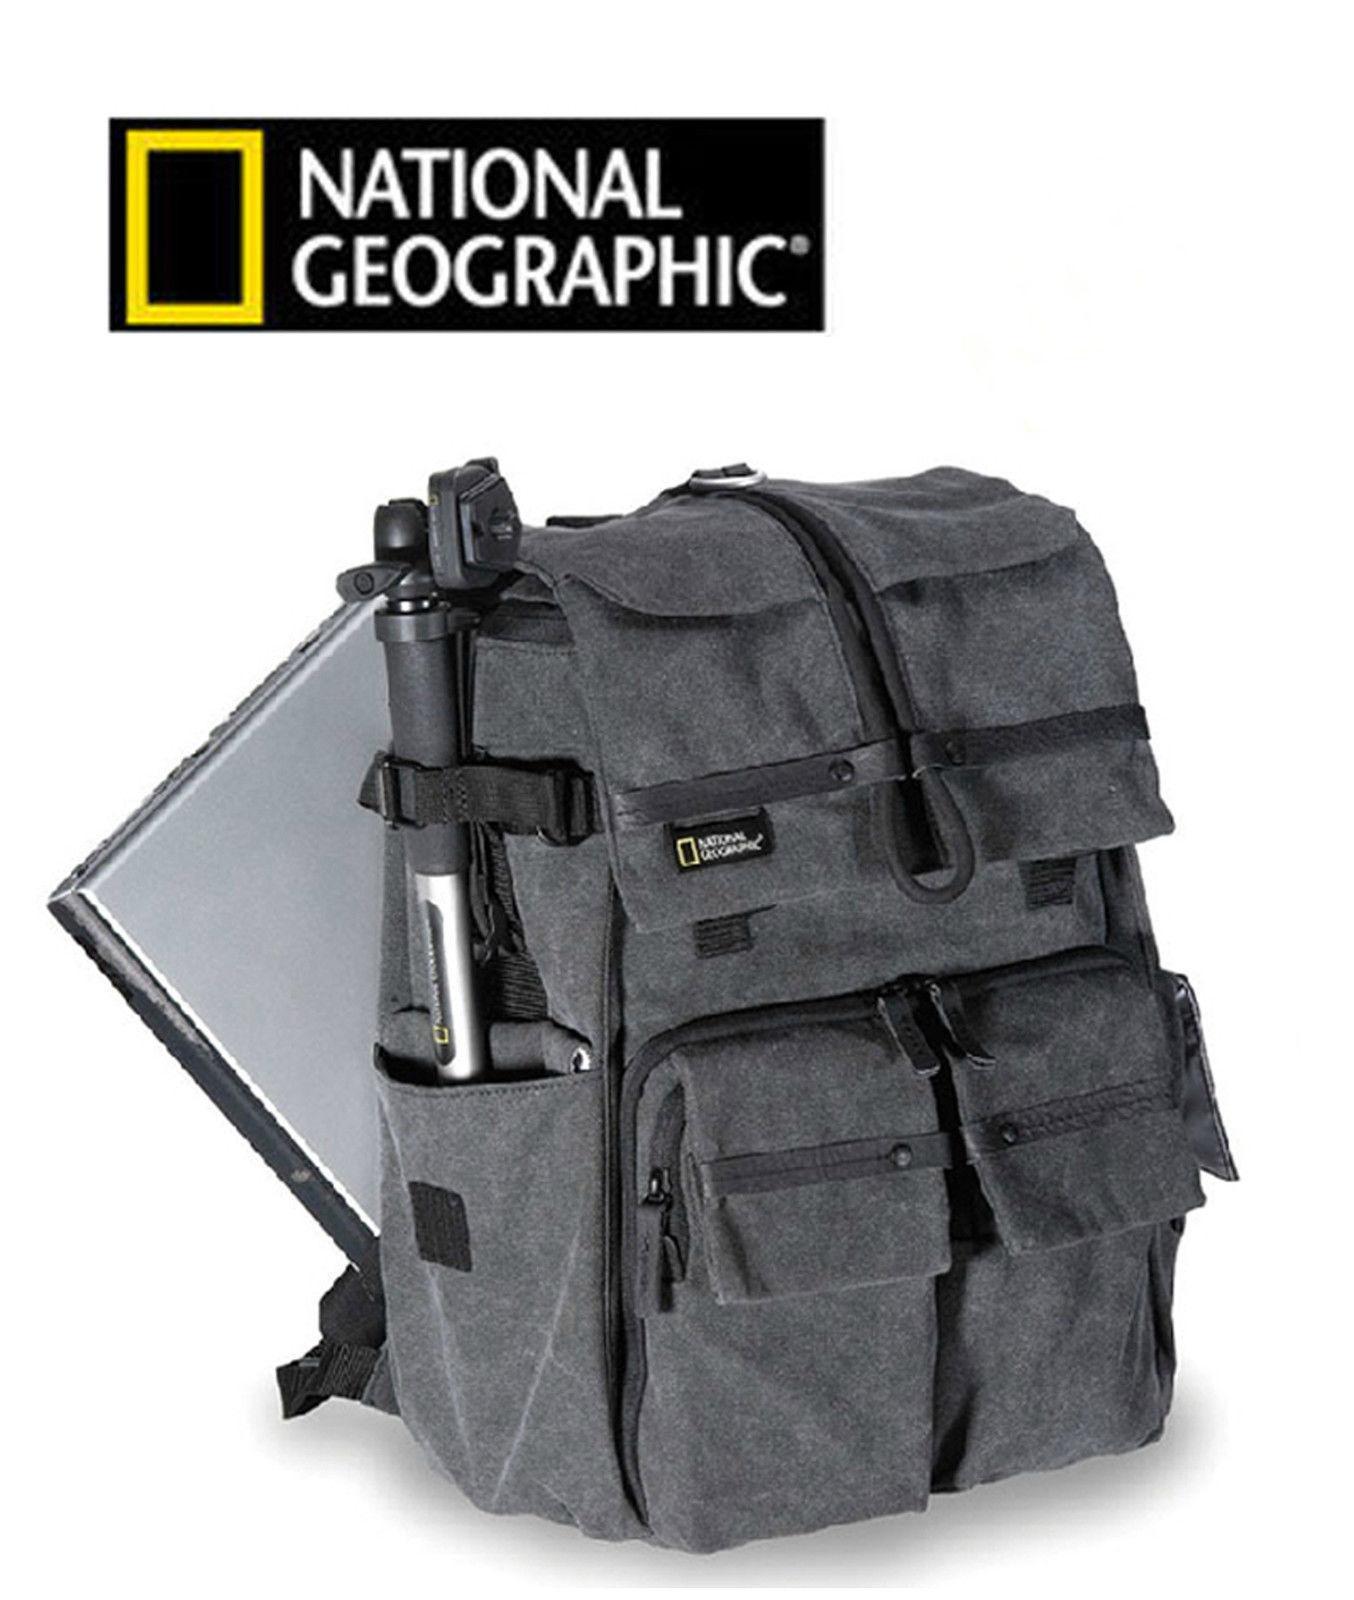 Hình ảnh Balo đựng máy ảnh National Geographic NG W5070